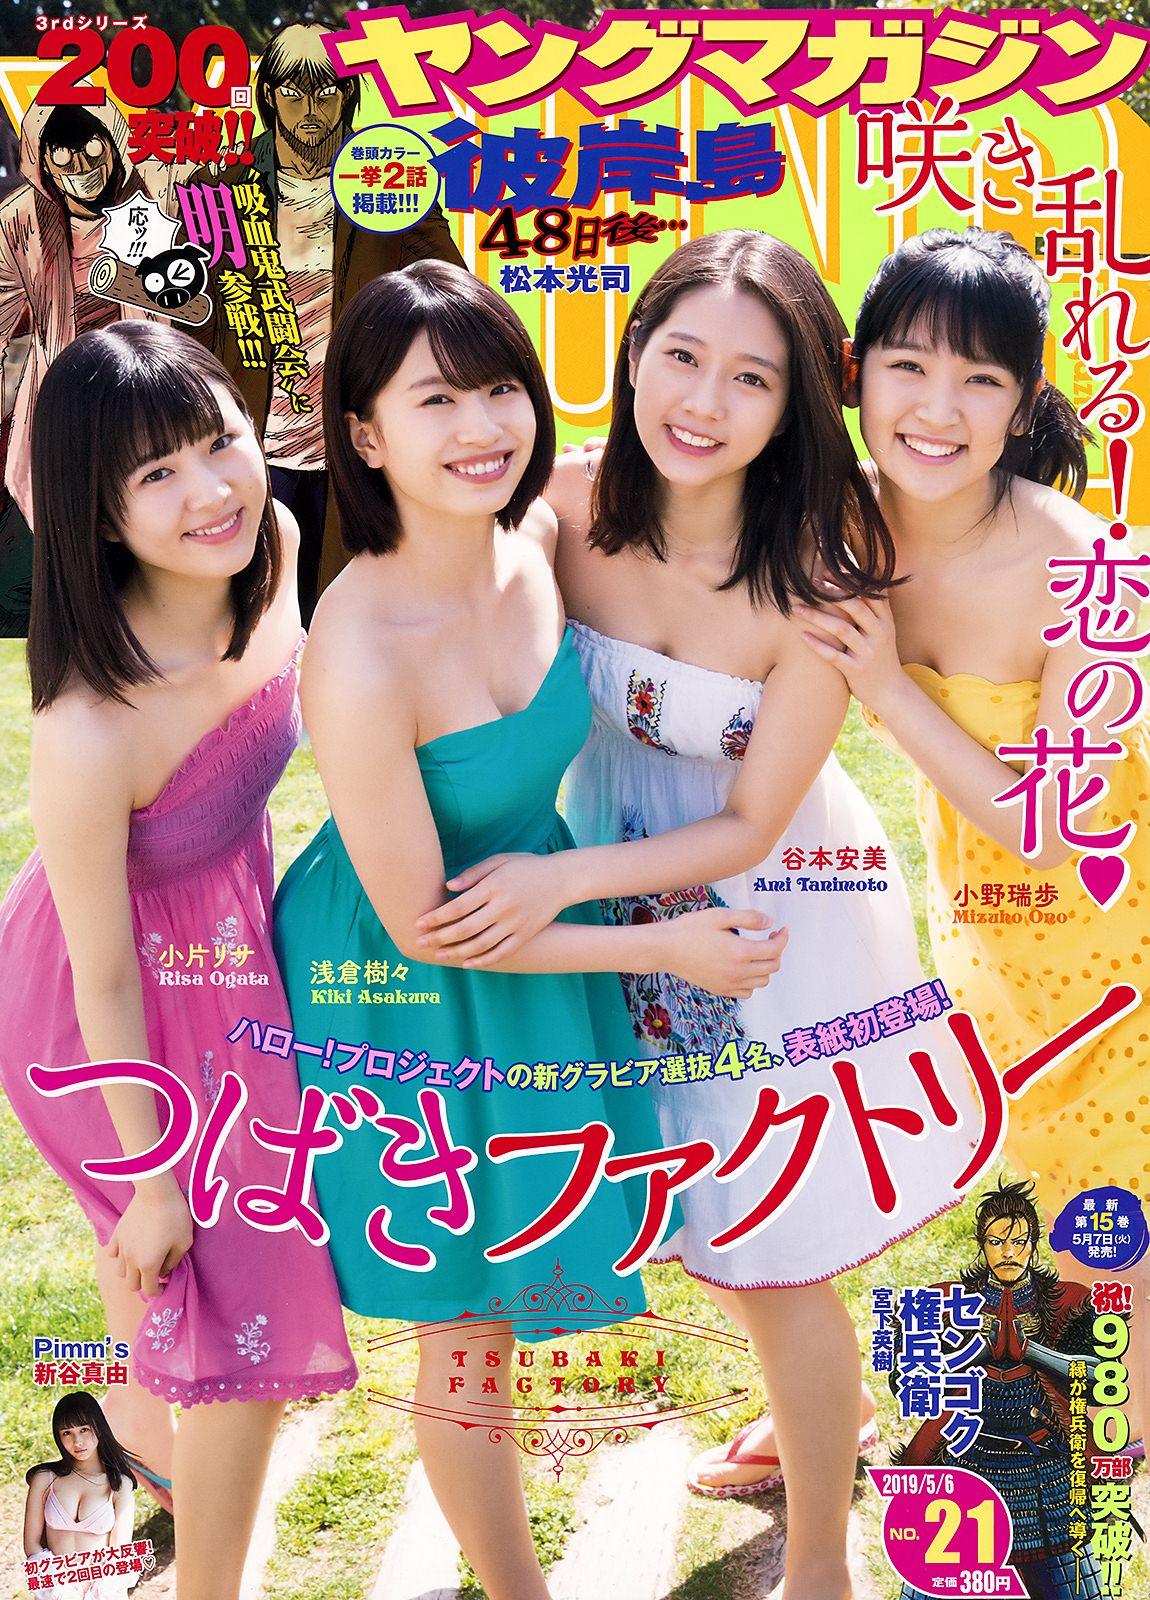 Tsubaki Factory (つばきファクトリー), Young Magazine 2019 No.21 (ヤングマガジン 2019年21號) - 亞洲美女 -